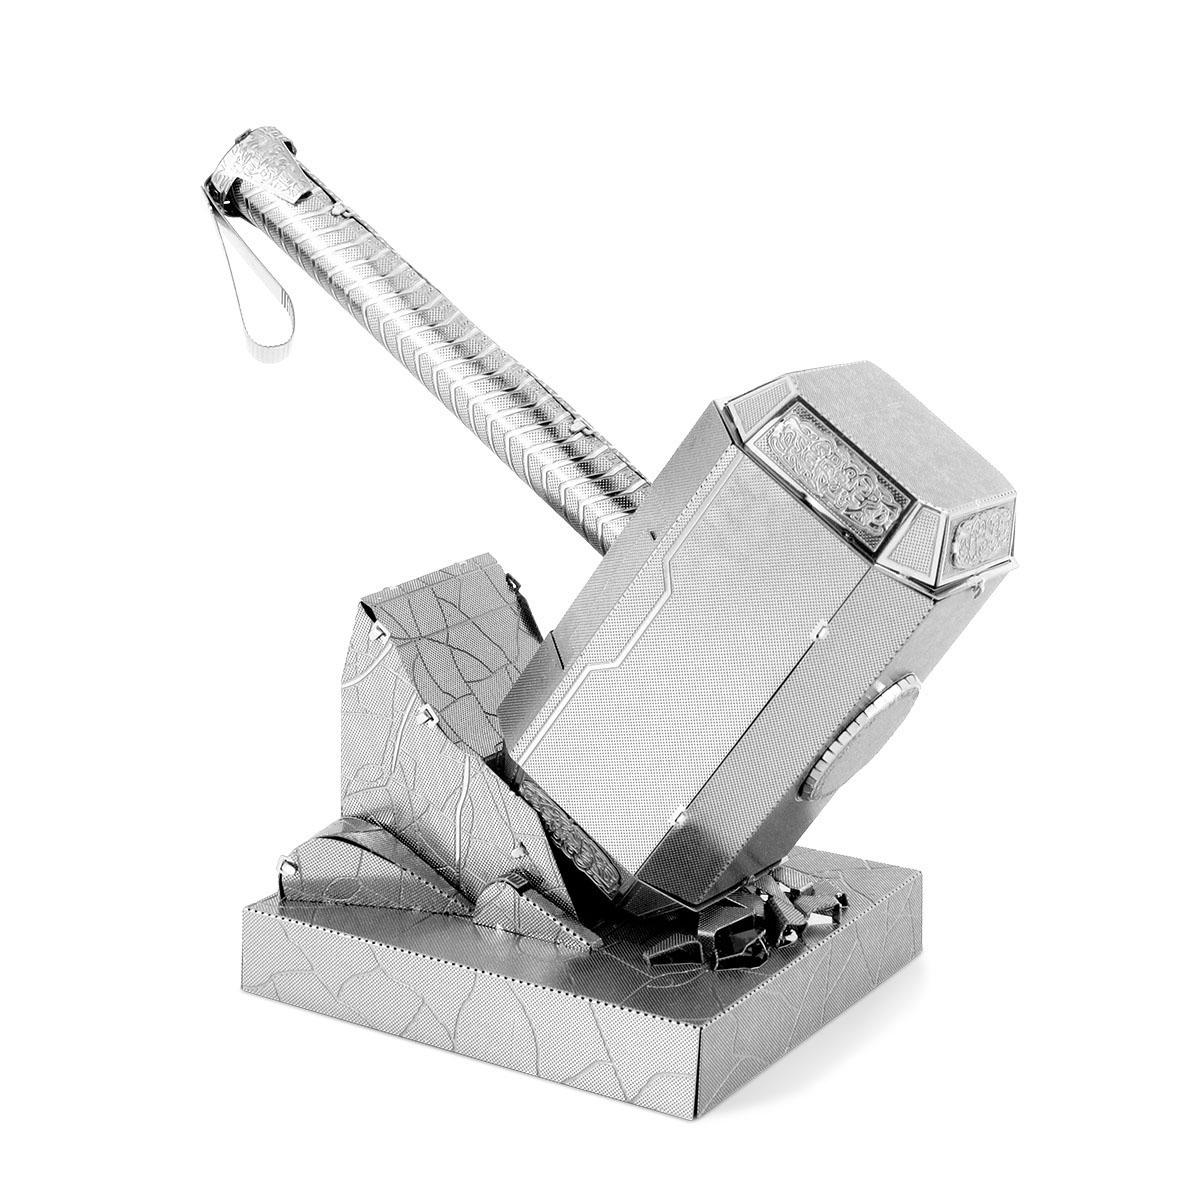 thor s hammer professor puzzle